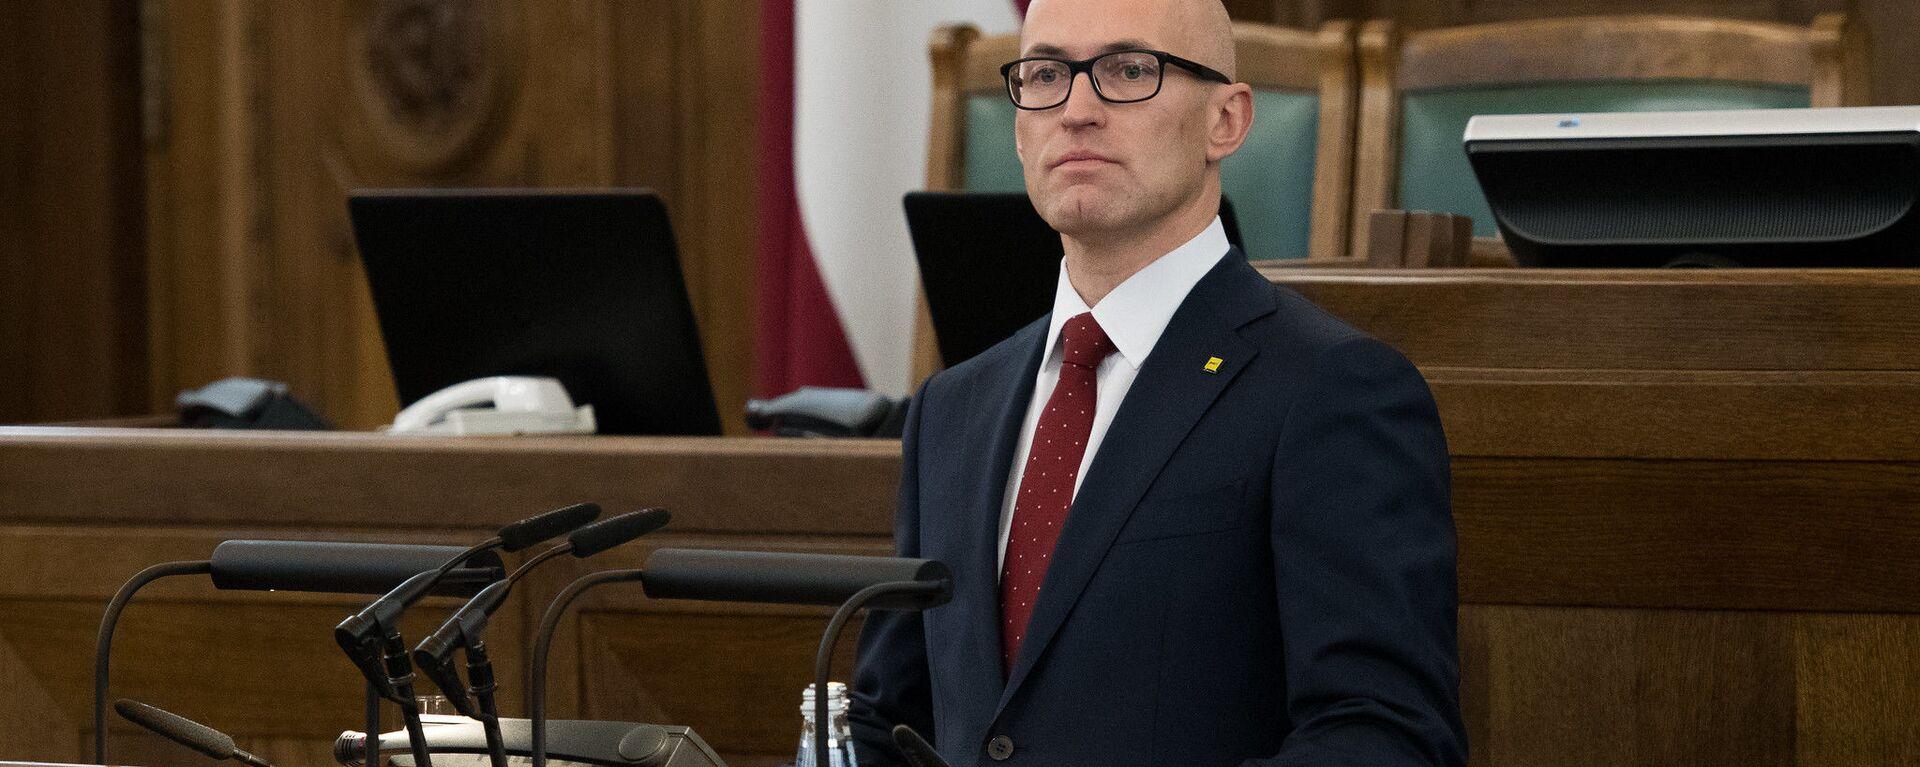 Министр здравоохранения Латвии Даниэль Павлютс - Sputnik Latvija, 1920, 14.05.2021